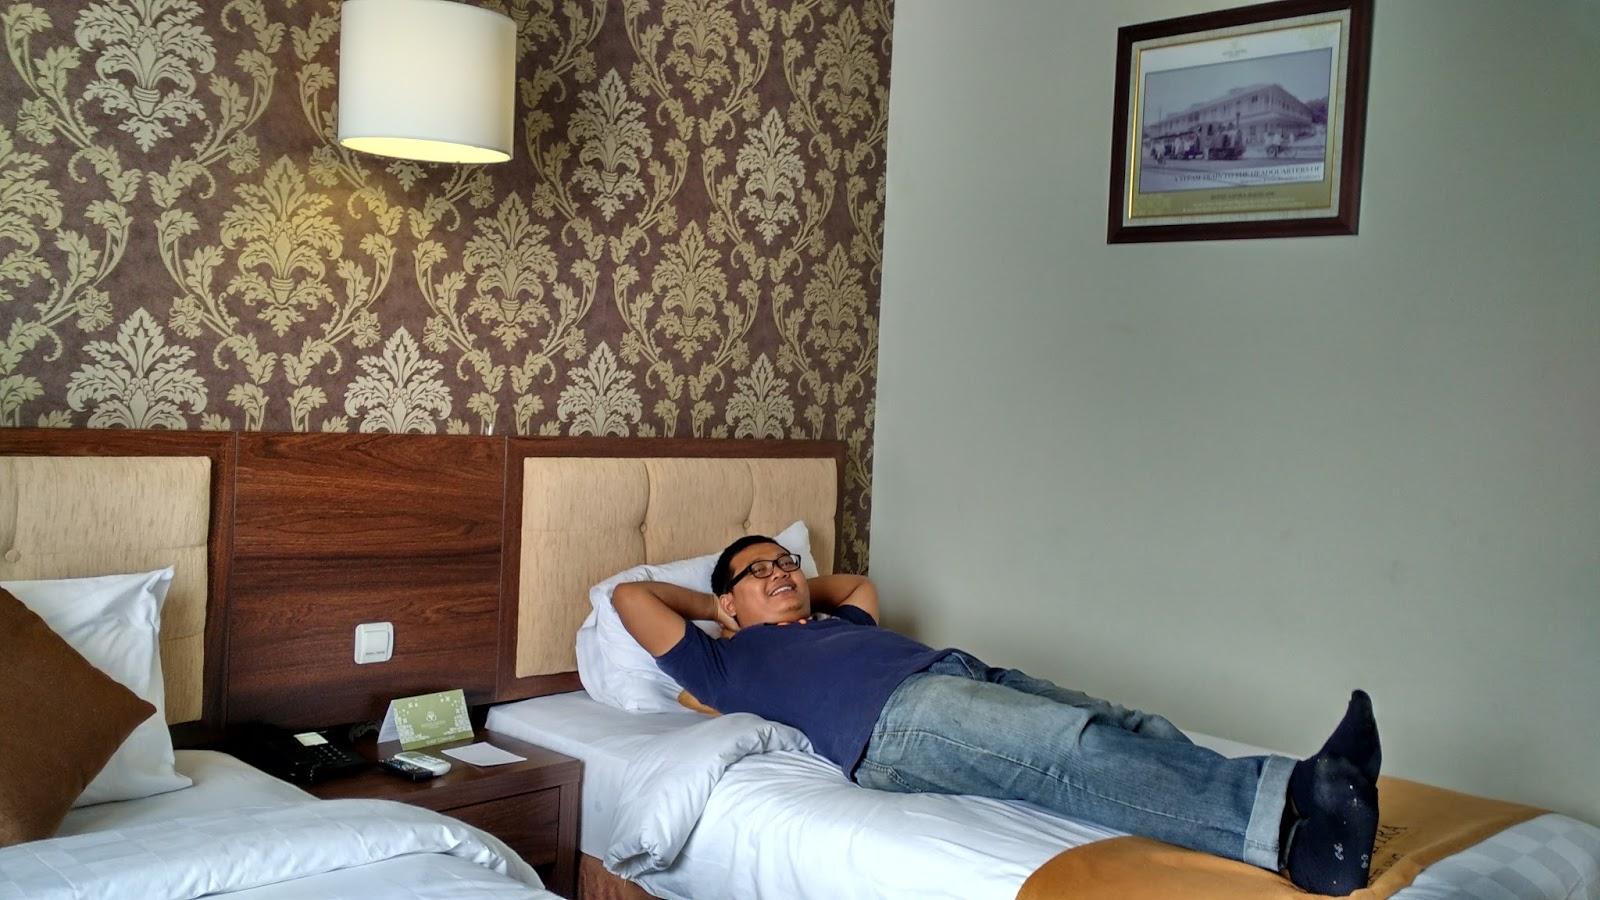 Menginap Di Hotel Safira Hotel Tenang Di Kota Magelang Ardian Kusuma